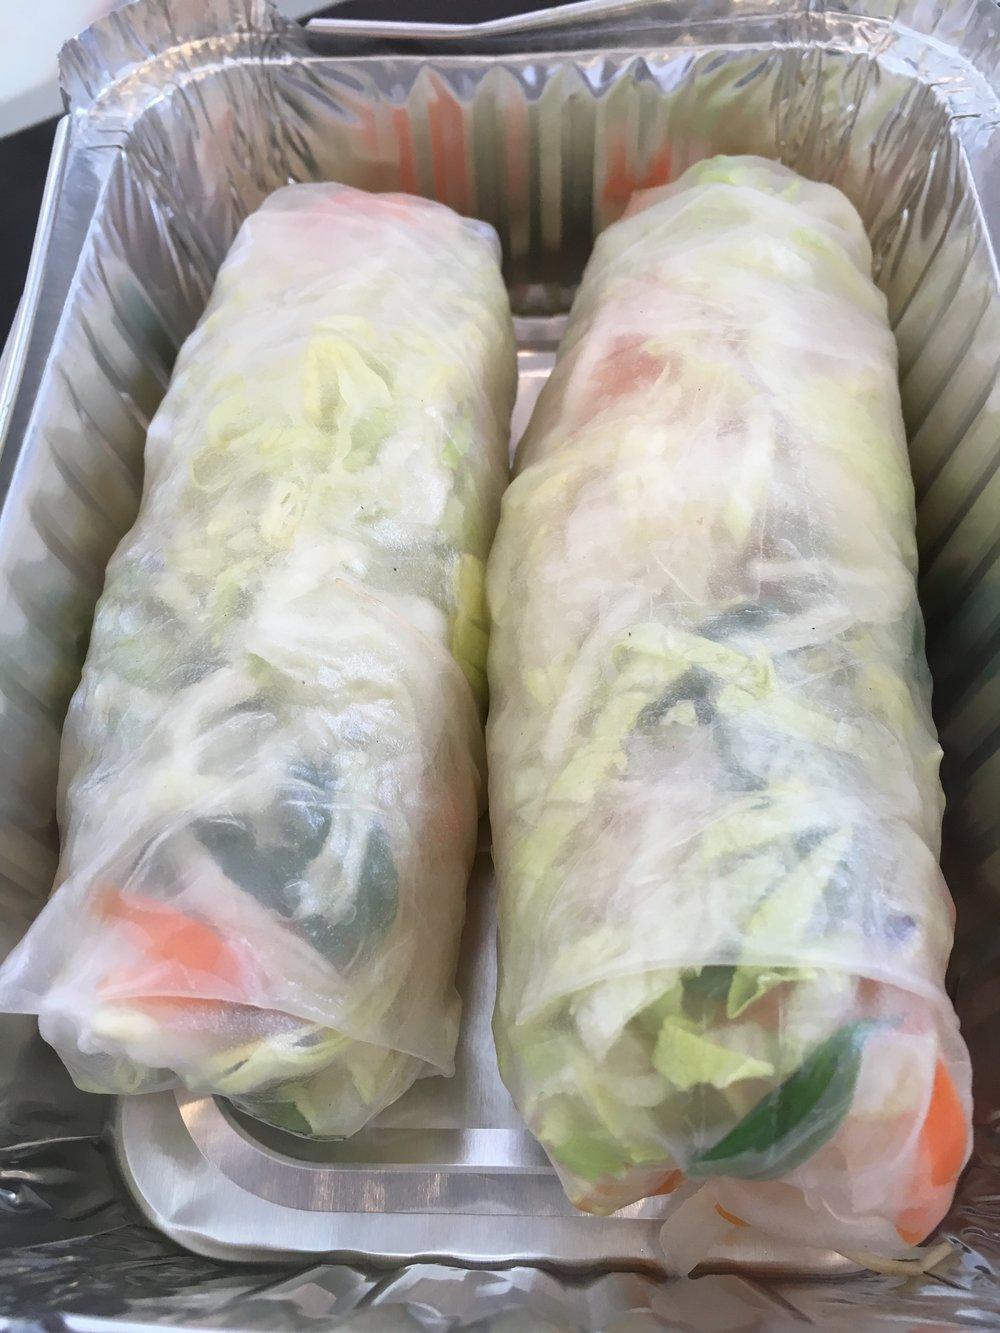 Saiguette vegetarian summer rolls